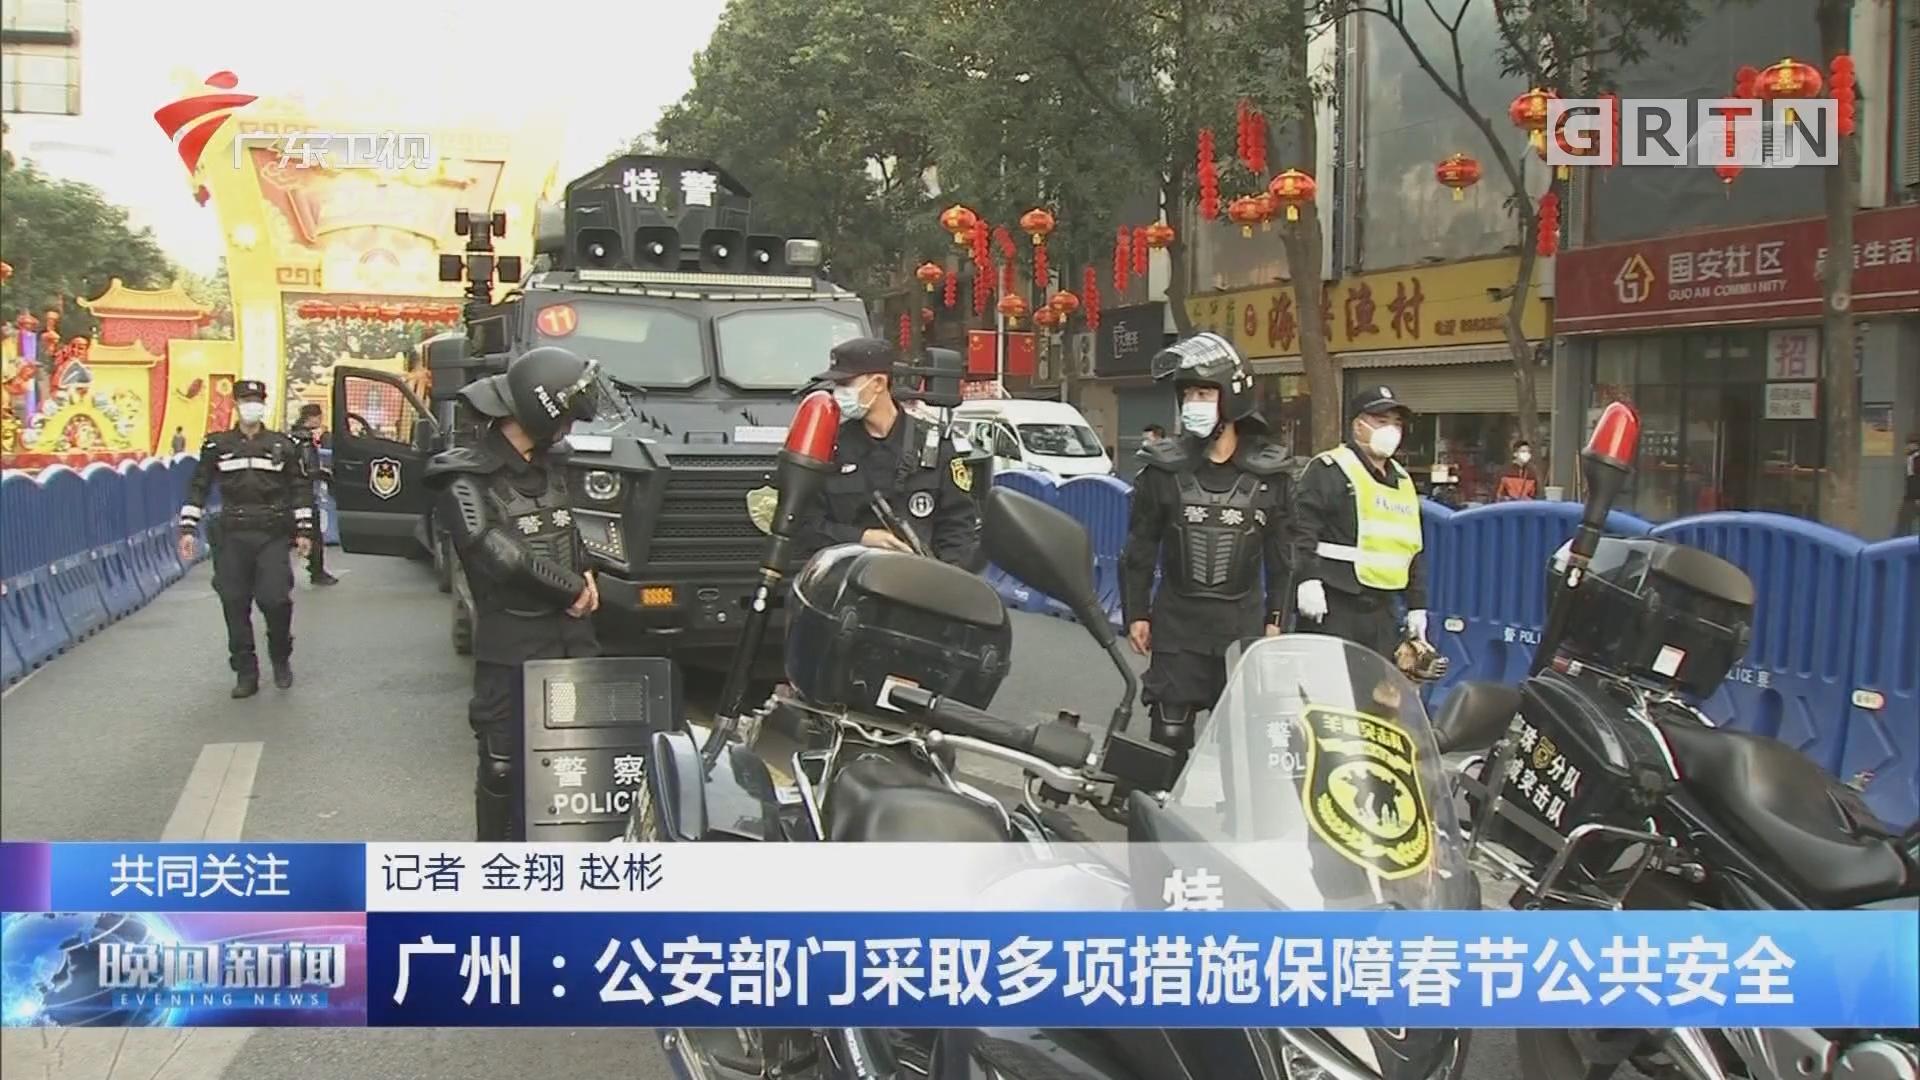 广州:公安部门采取多项措施保障春节公共安全